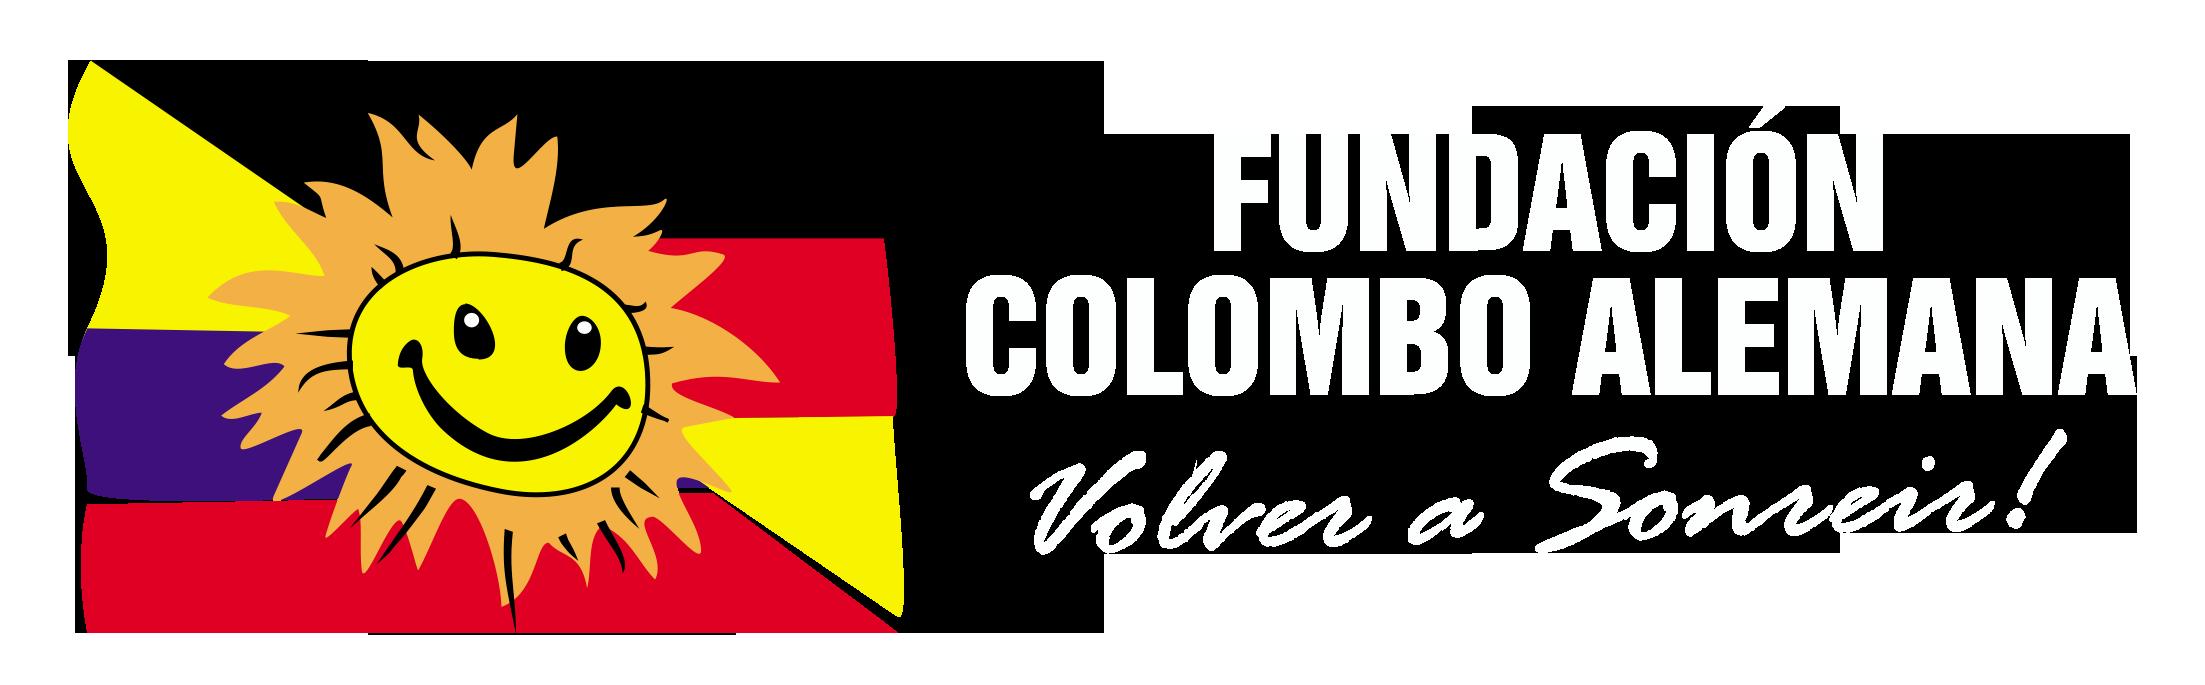 Fundación Colombo Alemana Volver a Sonreir